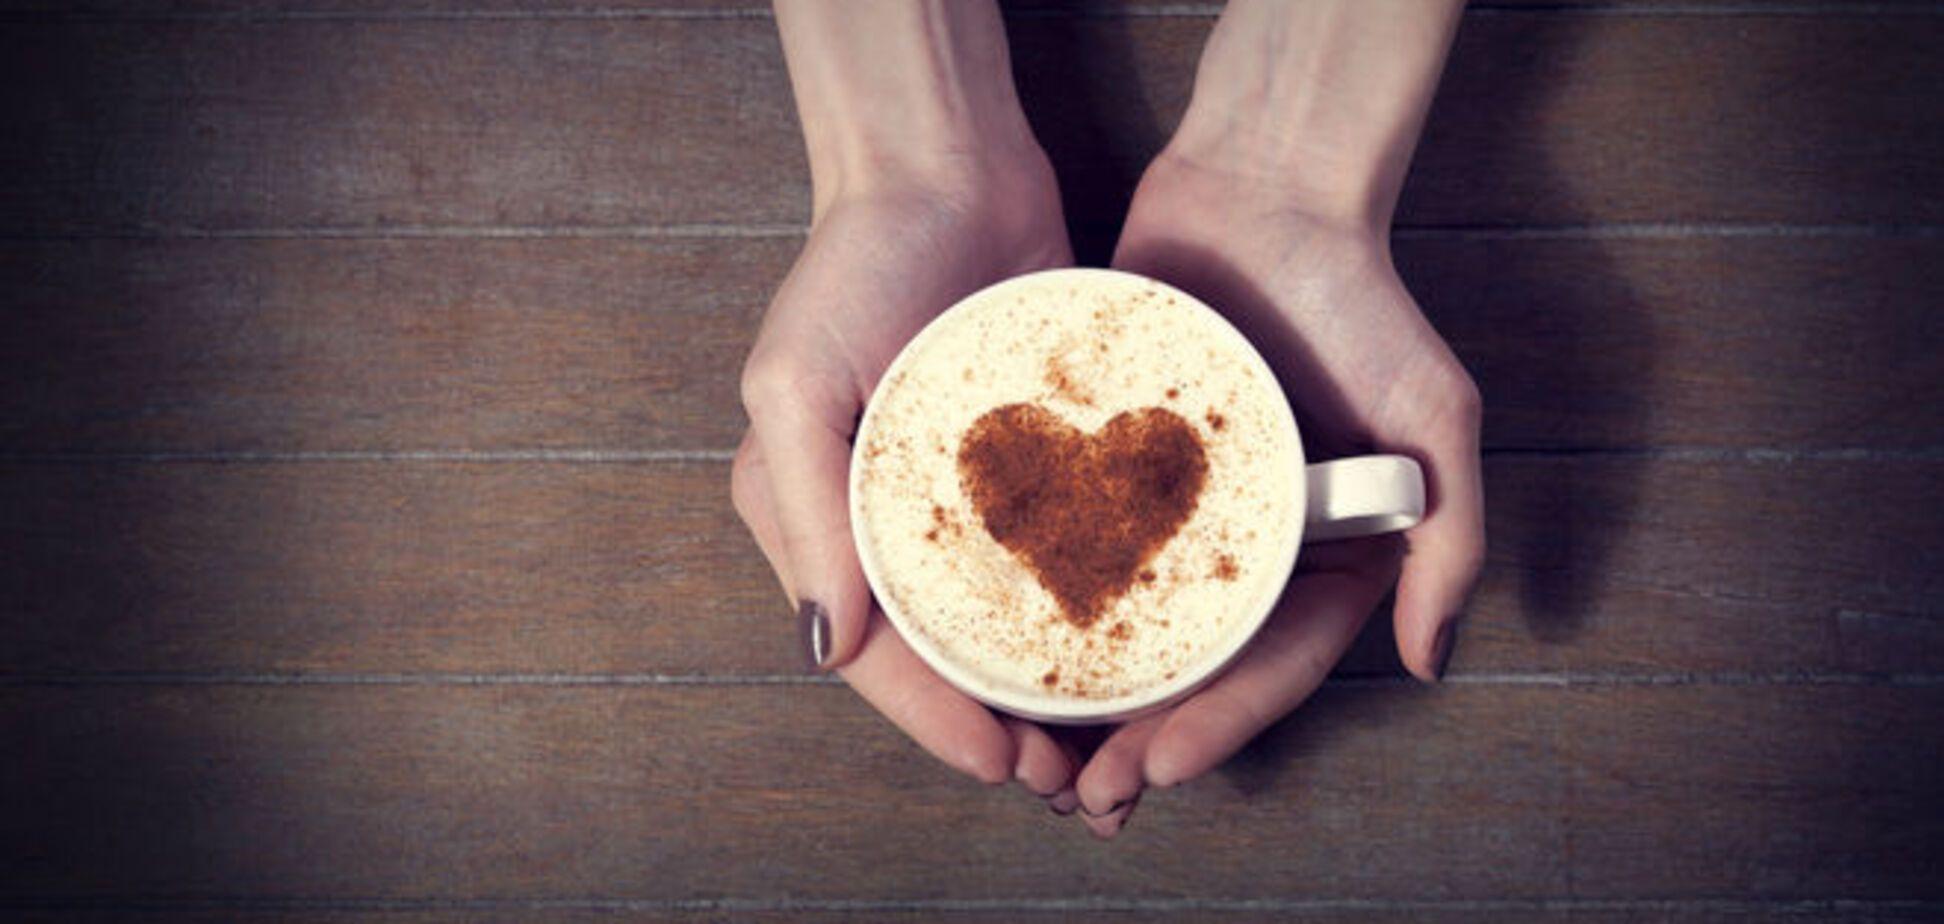 Узнай раз и навсегда, чем полезен и опасен кофе: полная инфографика